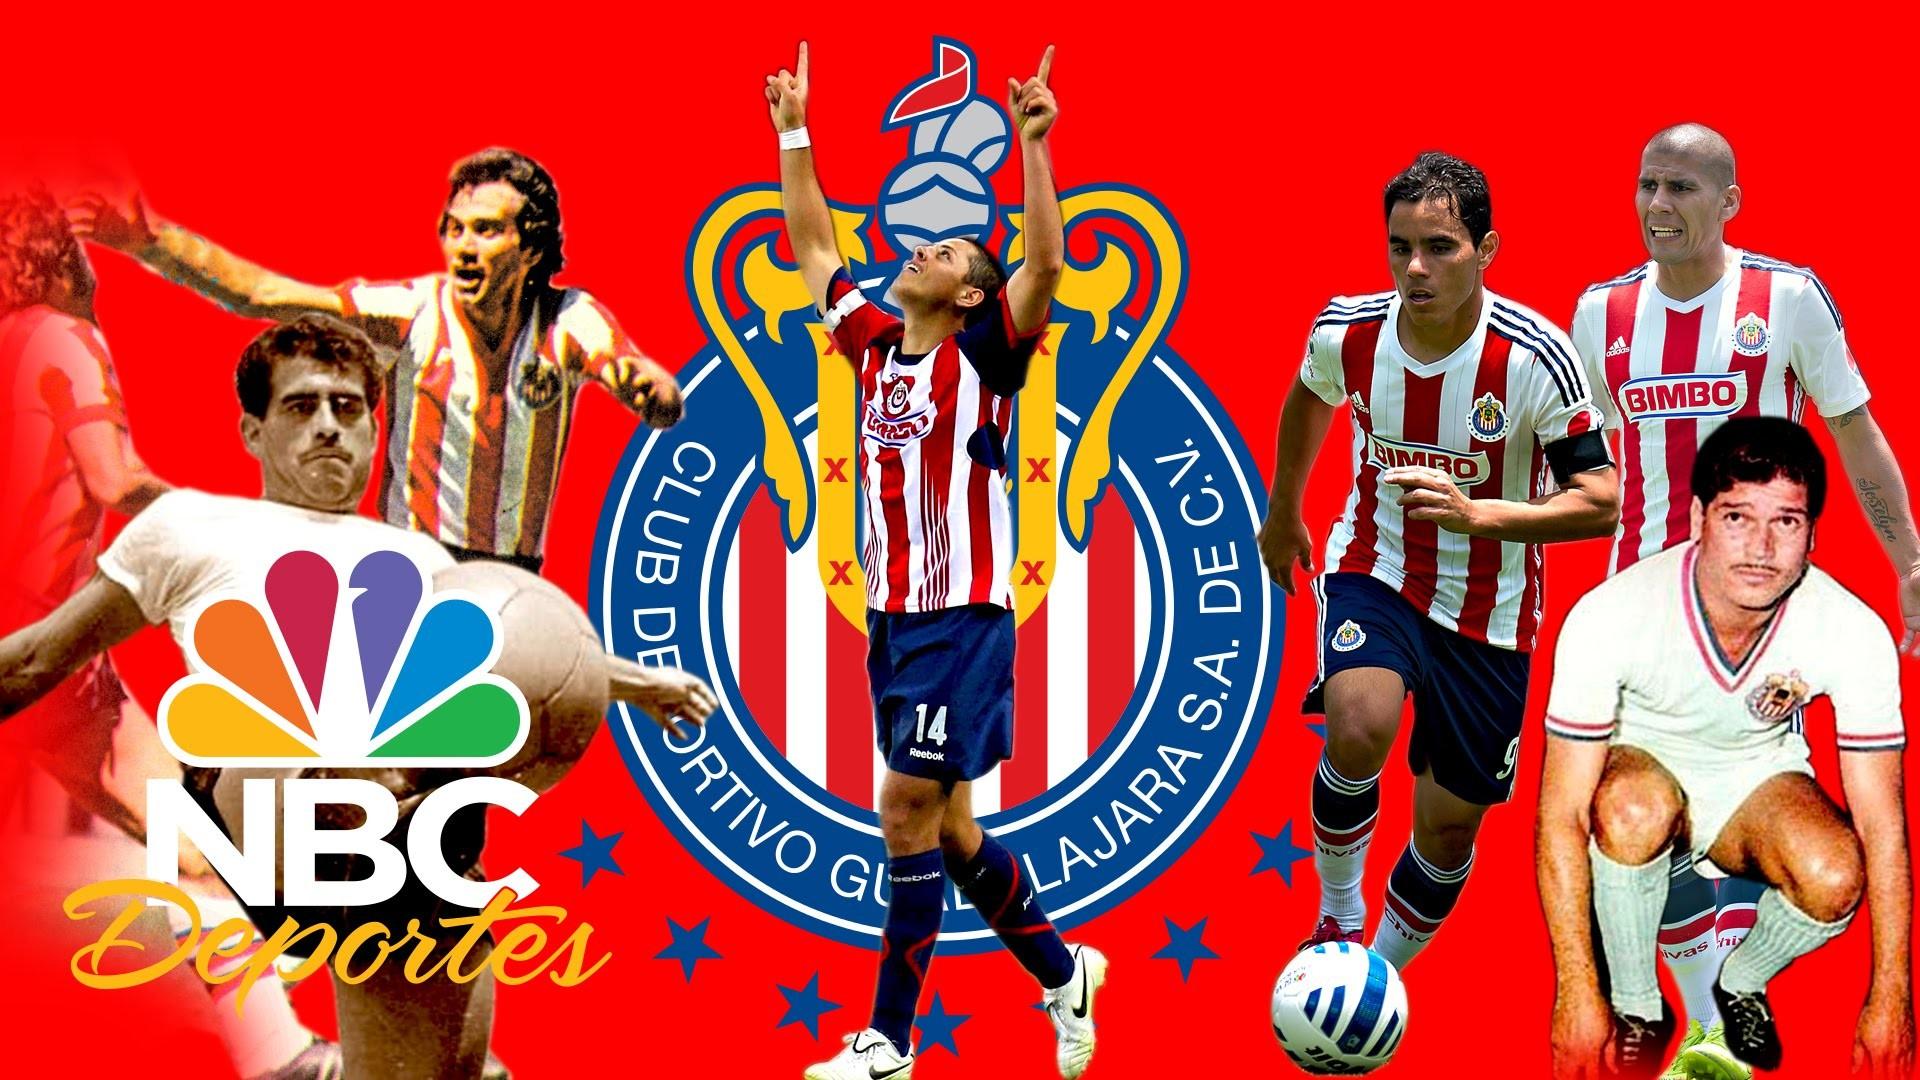 El 11 ideal histórico de las Chivas Rayadas del Guadalajara   NBC Deportes    NBC Deportes – YouTube